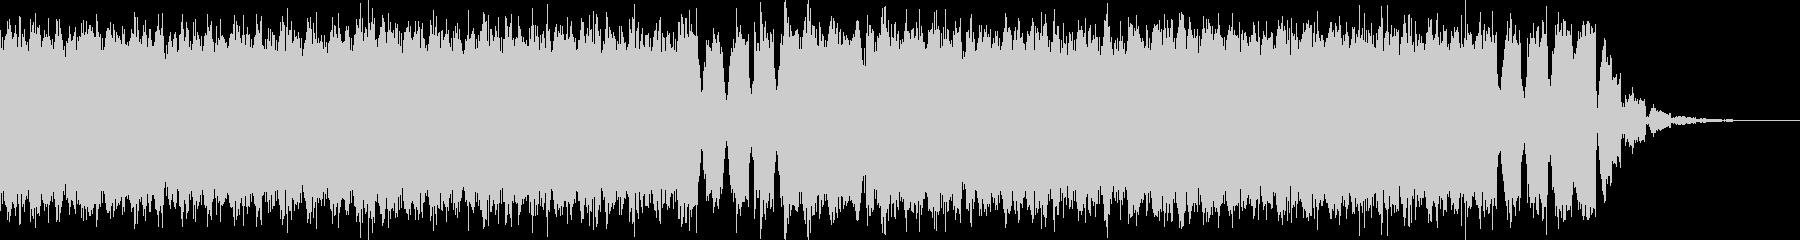 明るくて壮大なEDMドロップ-No.4の未再生の波形